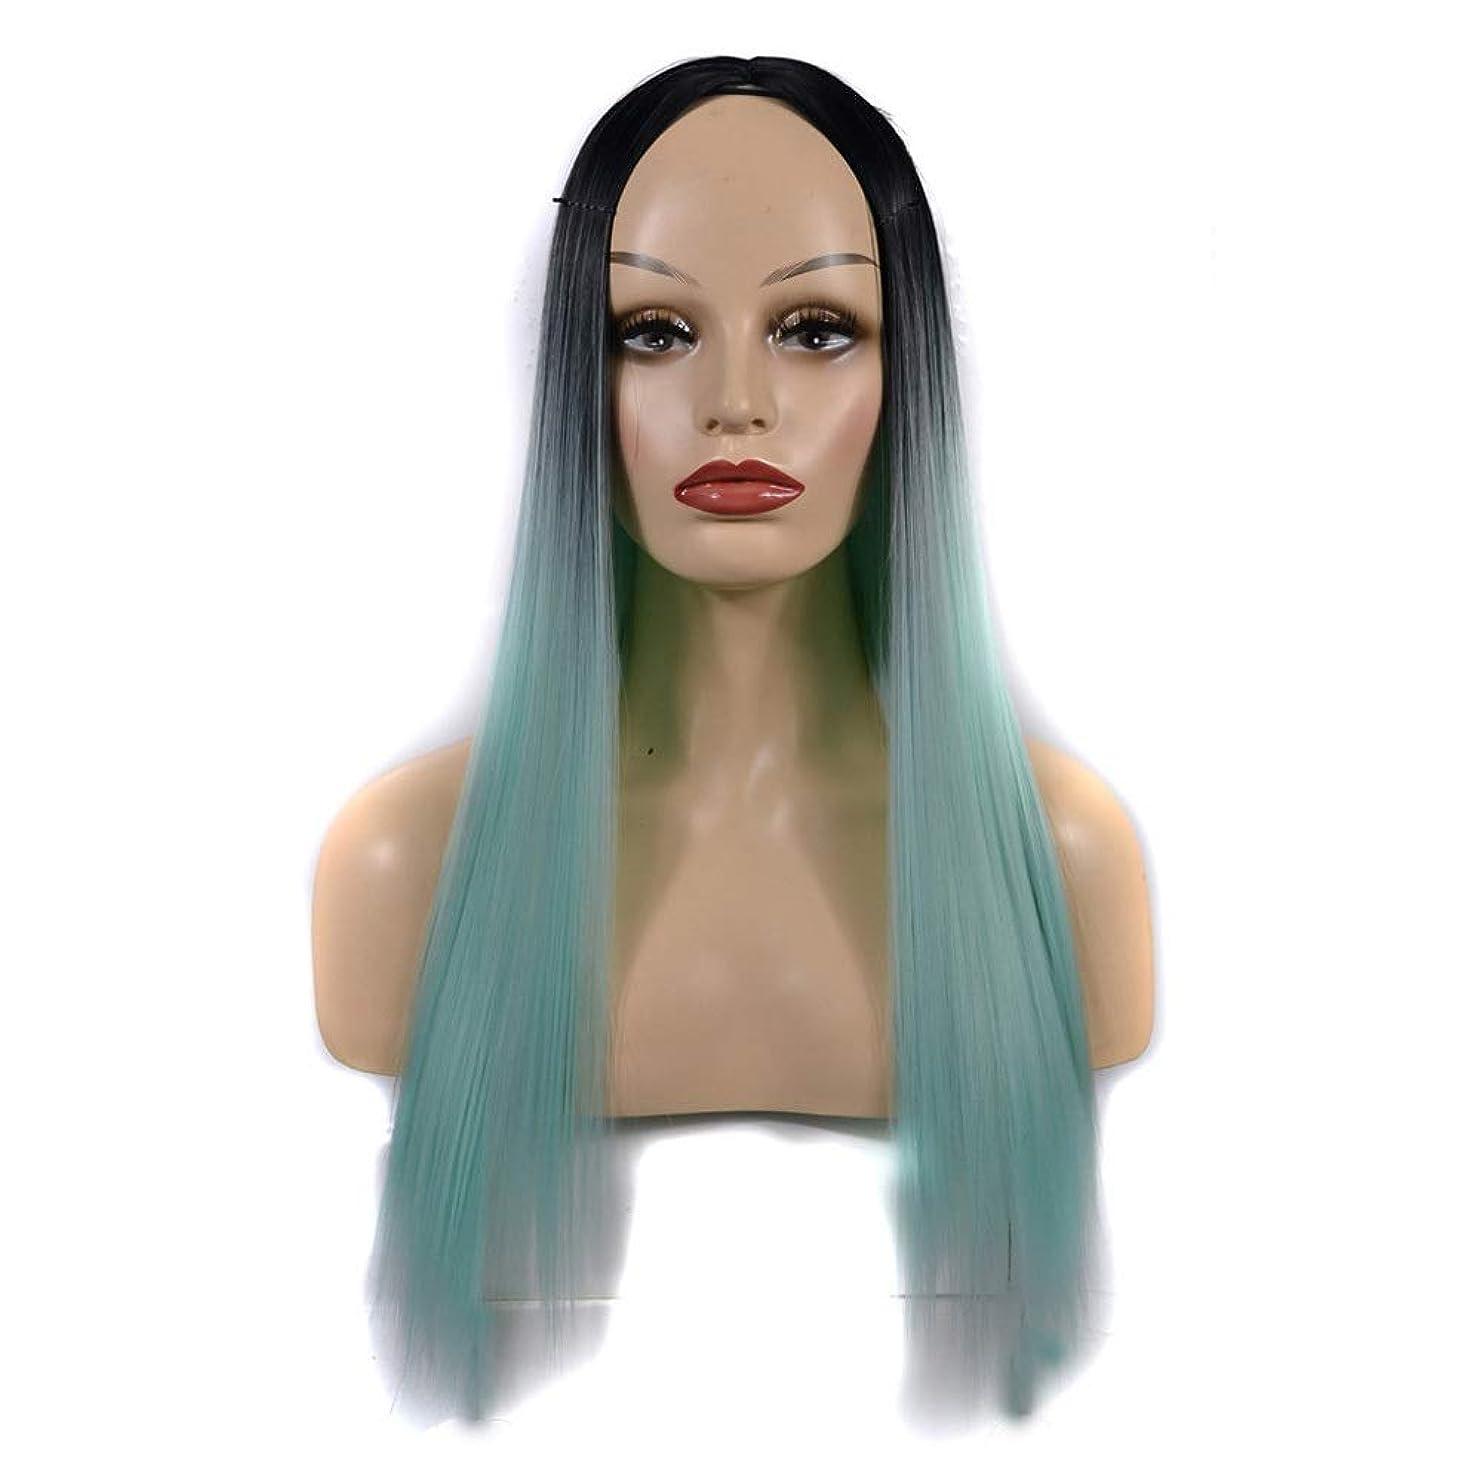 作る溶かす偽装するBOBIDYEE 女性のための合成かつら黒髪の根緑の長いストレートの髪自然なパーティー用ウィッグ (色 : オレンジ, サイズ : 60cm)